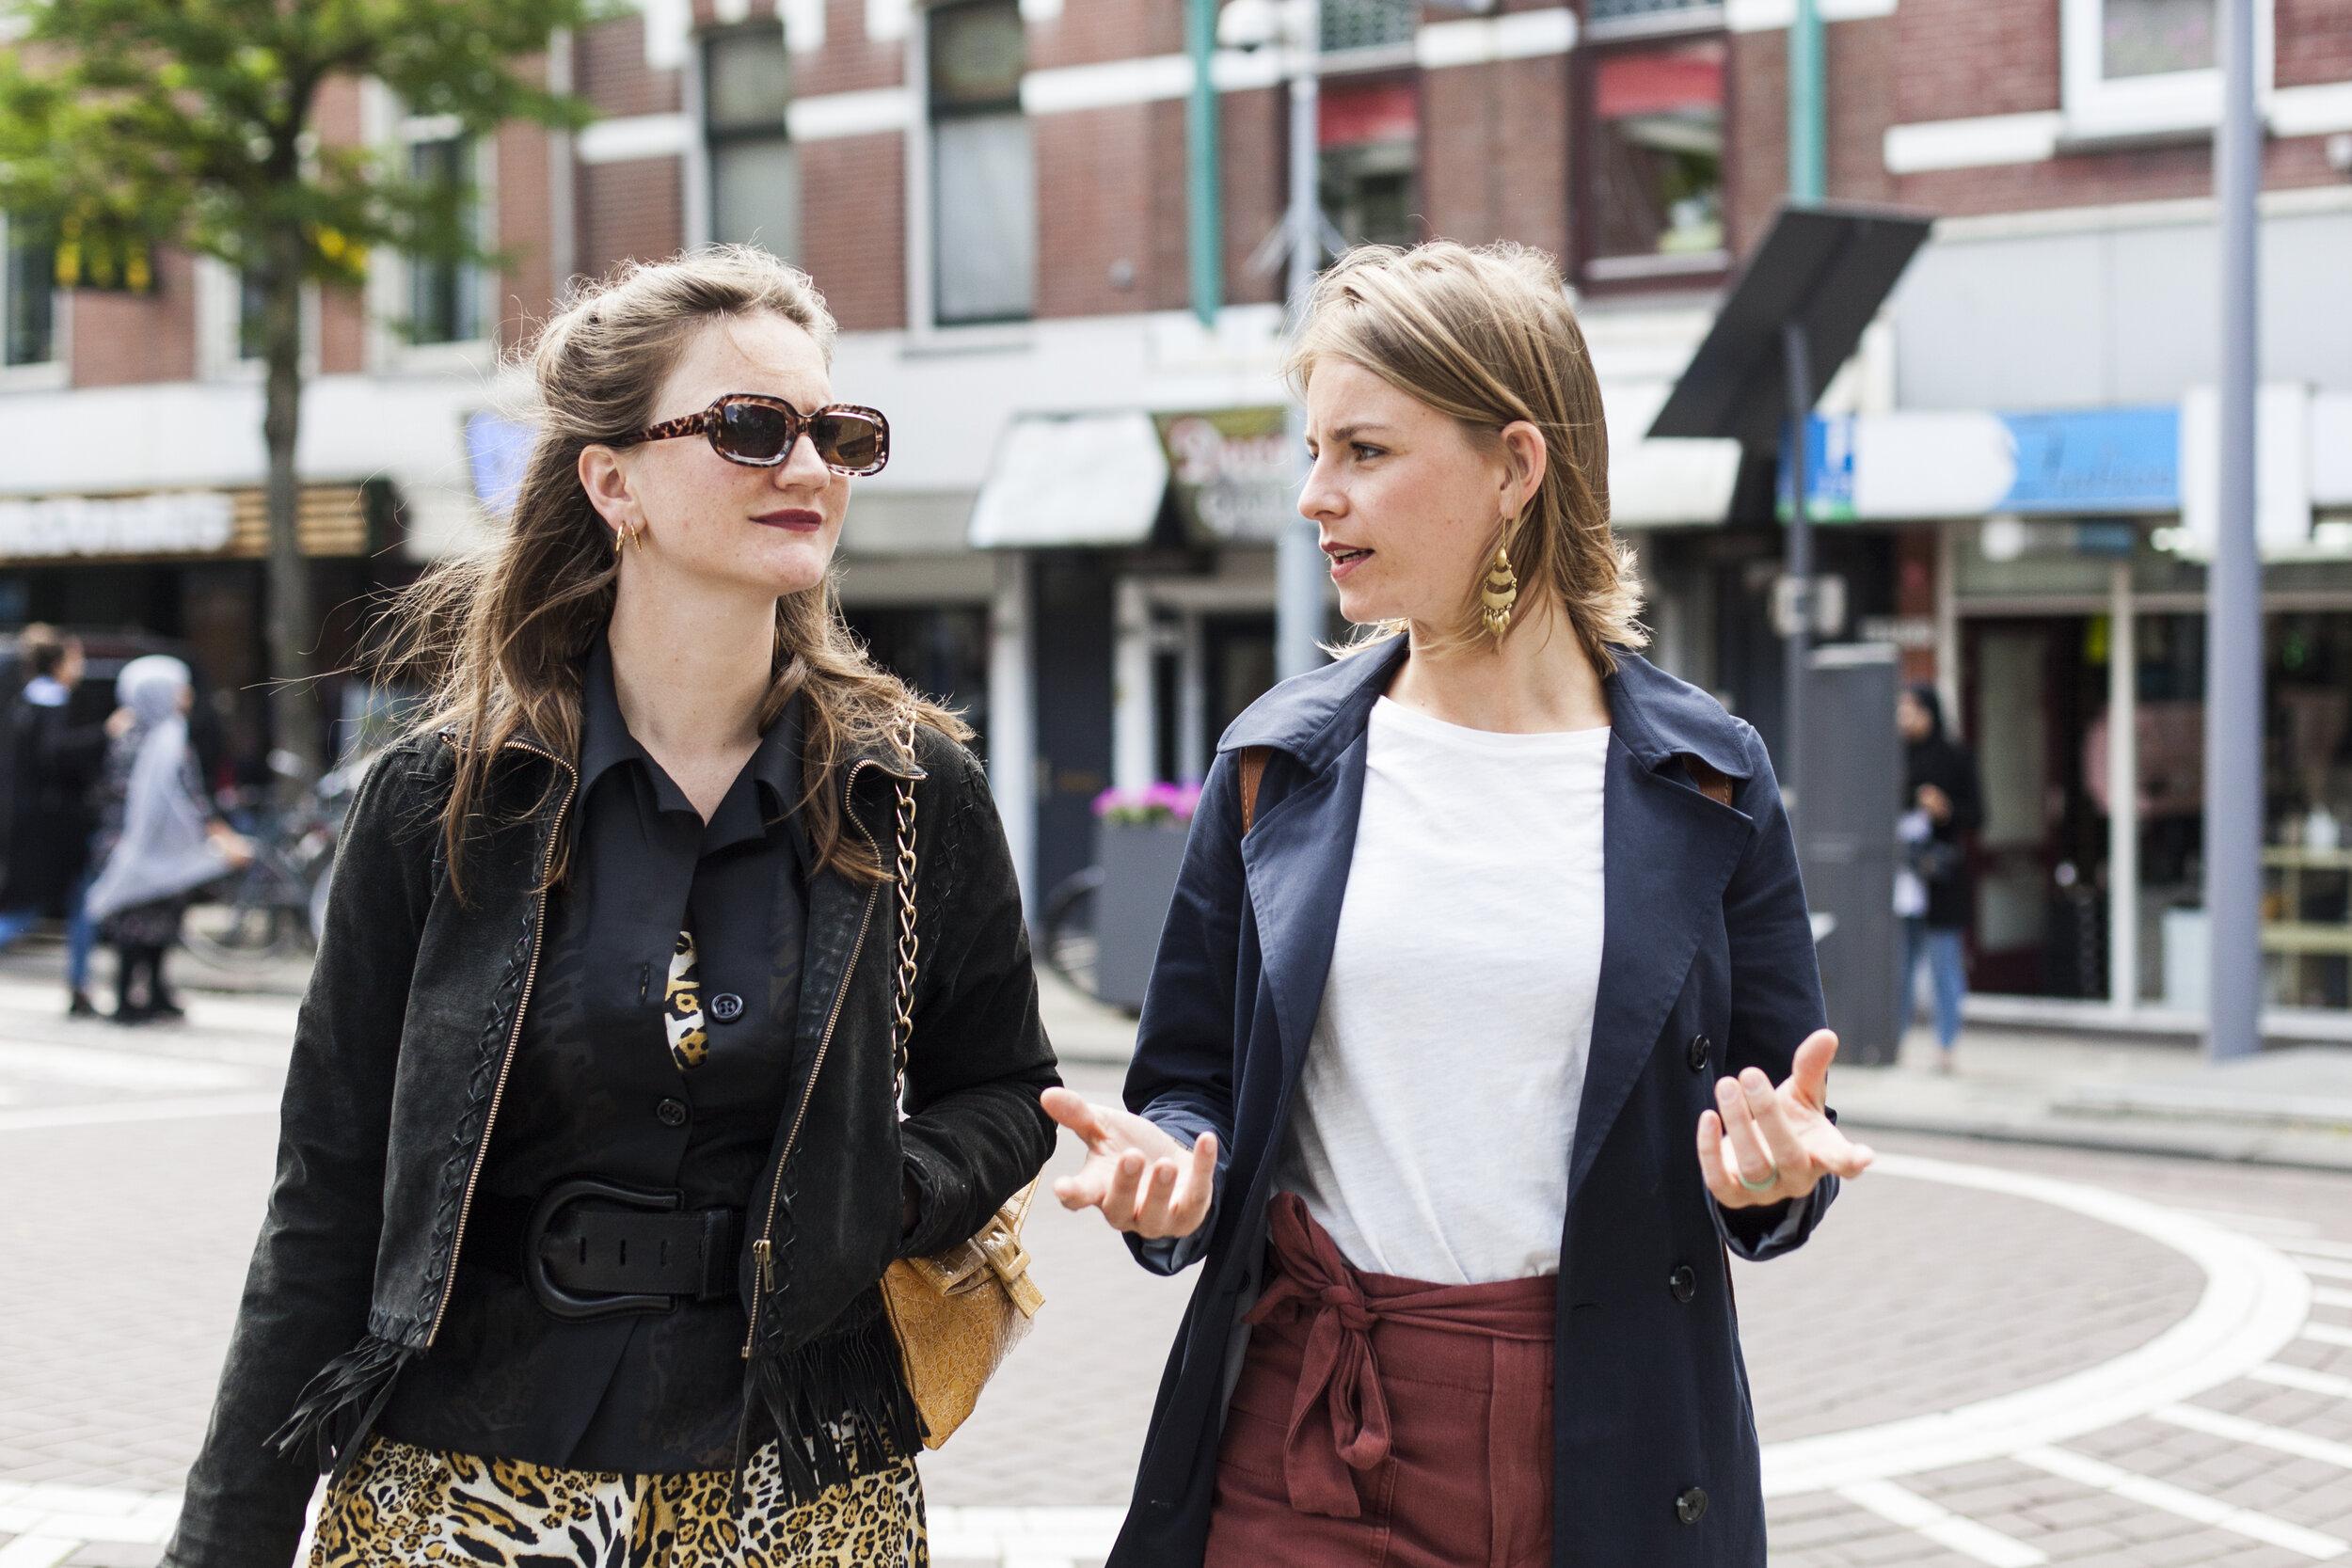 Reportage voor Sjaak Magazine over stylist Doris van der Molen (l). Foto gemaakt door Adriaan van der Ploeg.